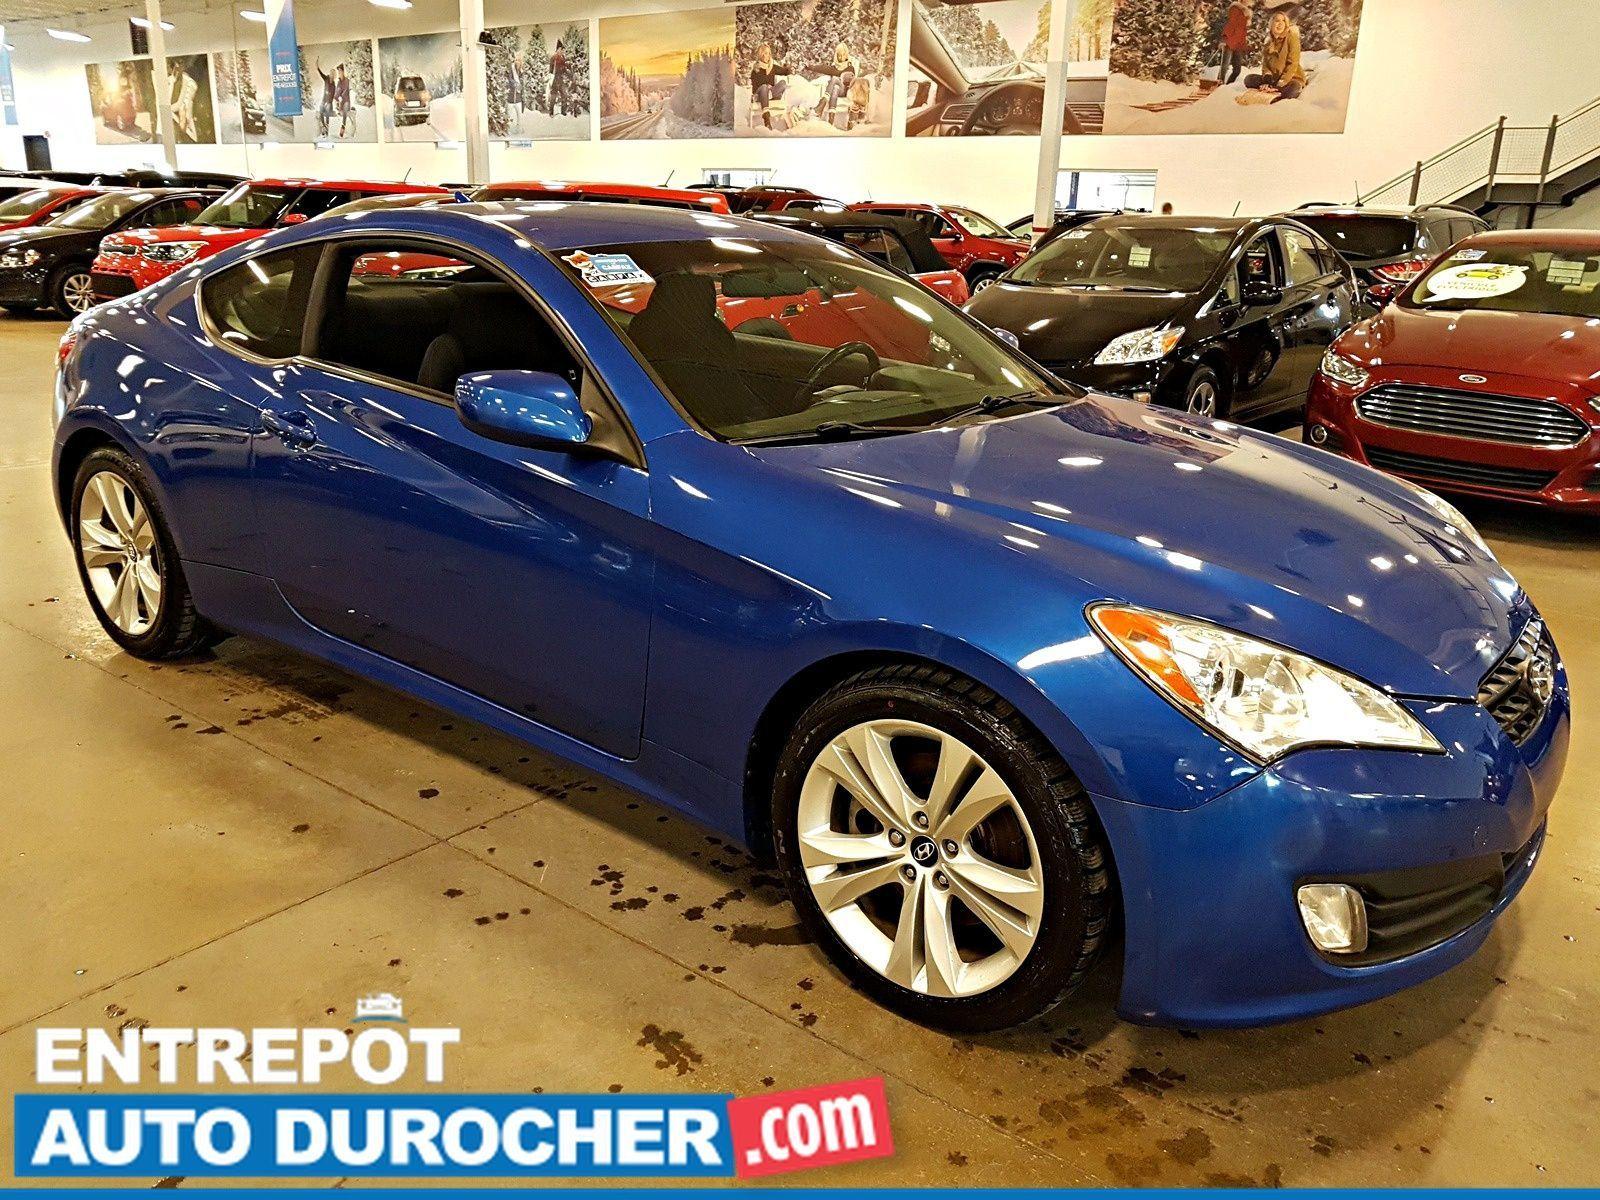 2011 Hyundai Genesis Coupe 2.0L TURBO - AIR CLIMATISÉ - Groupe Électrique